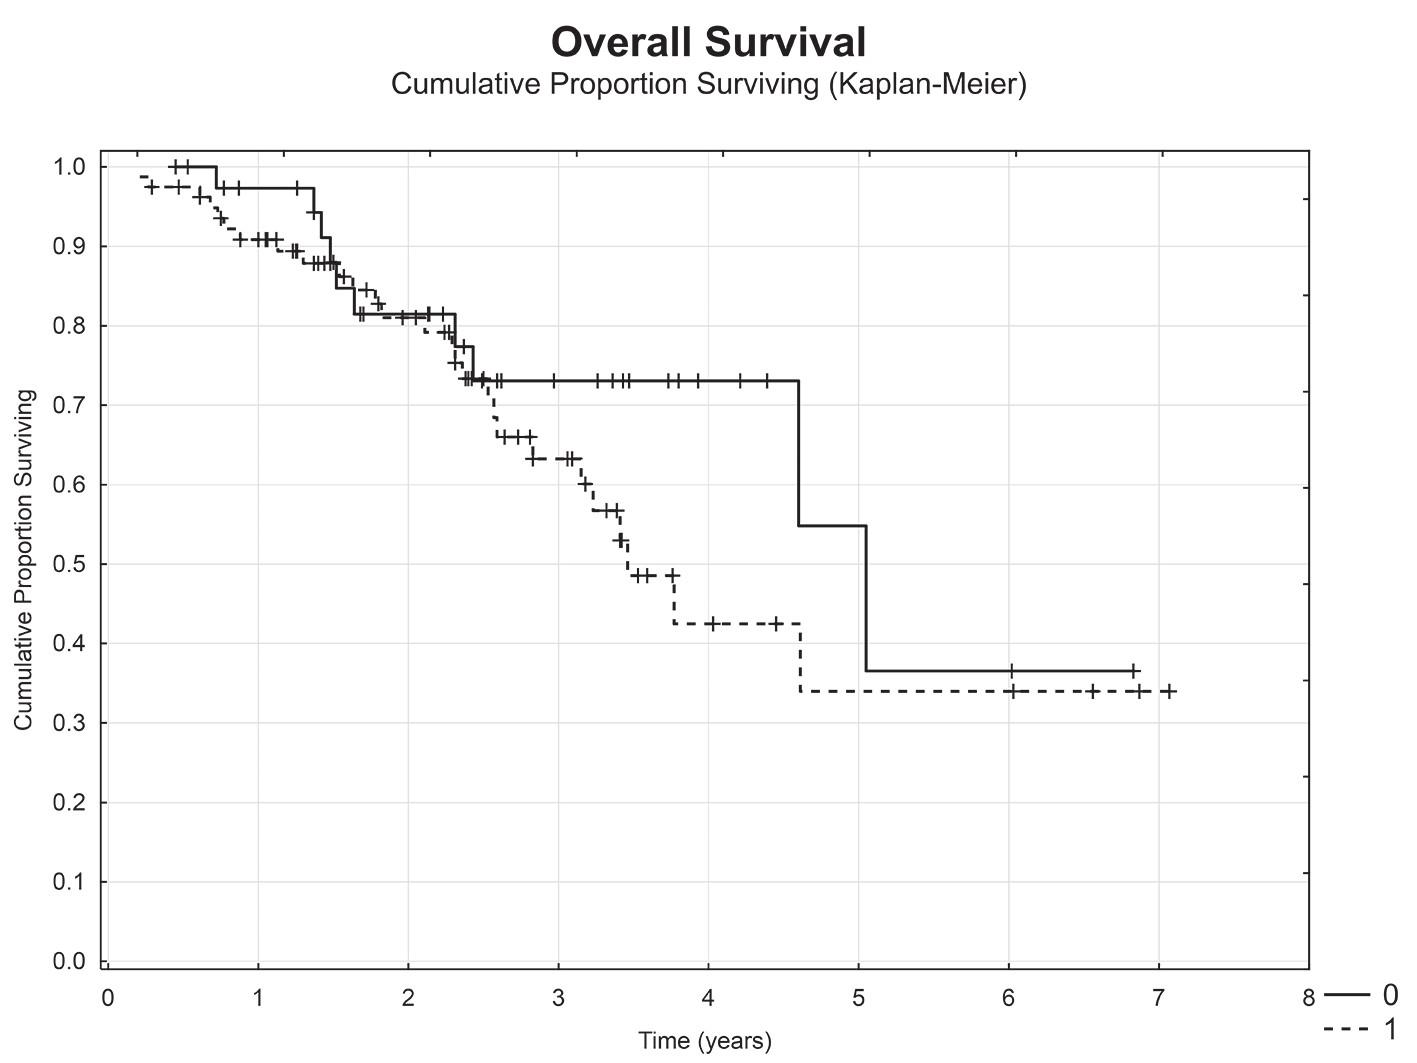 Celkové přežití u pacientů dle výskytu vzdálených metastáz při primární operaci (metachronní (M0) vs.synchronní metastázy (M1)) Graph 7: Overal survival in terms of distant metastases (metachronous (M0) vs synchronous (M1))